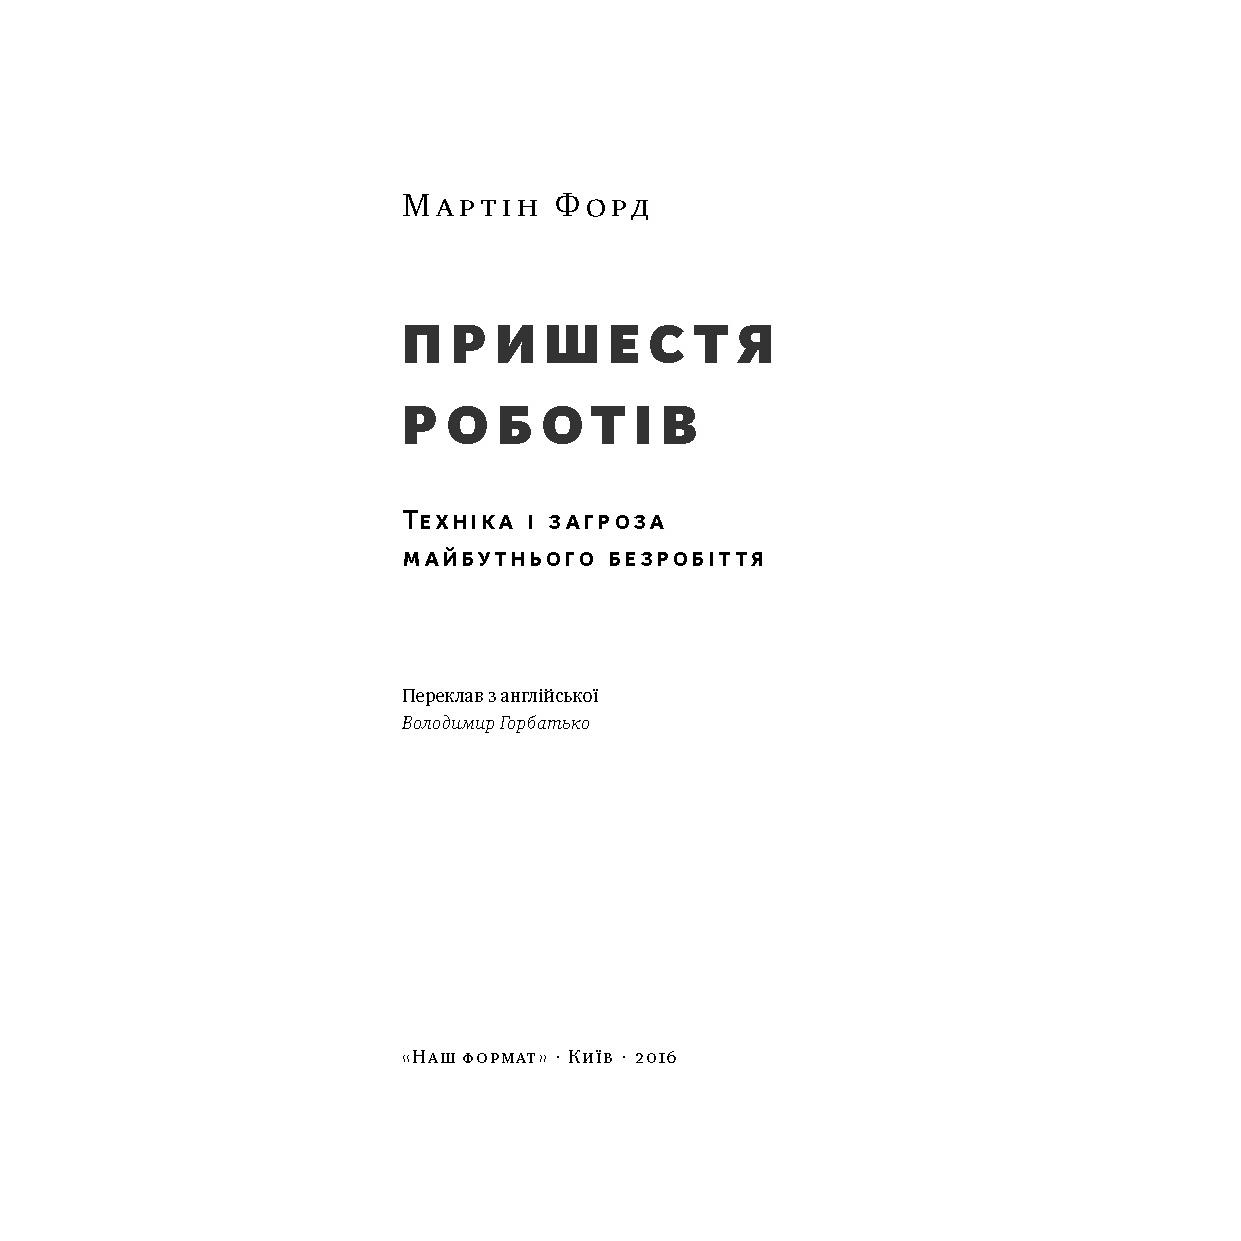 071_ford-martin_pryshestya-robotiv_prev01